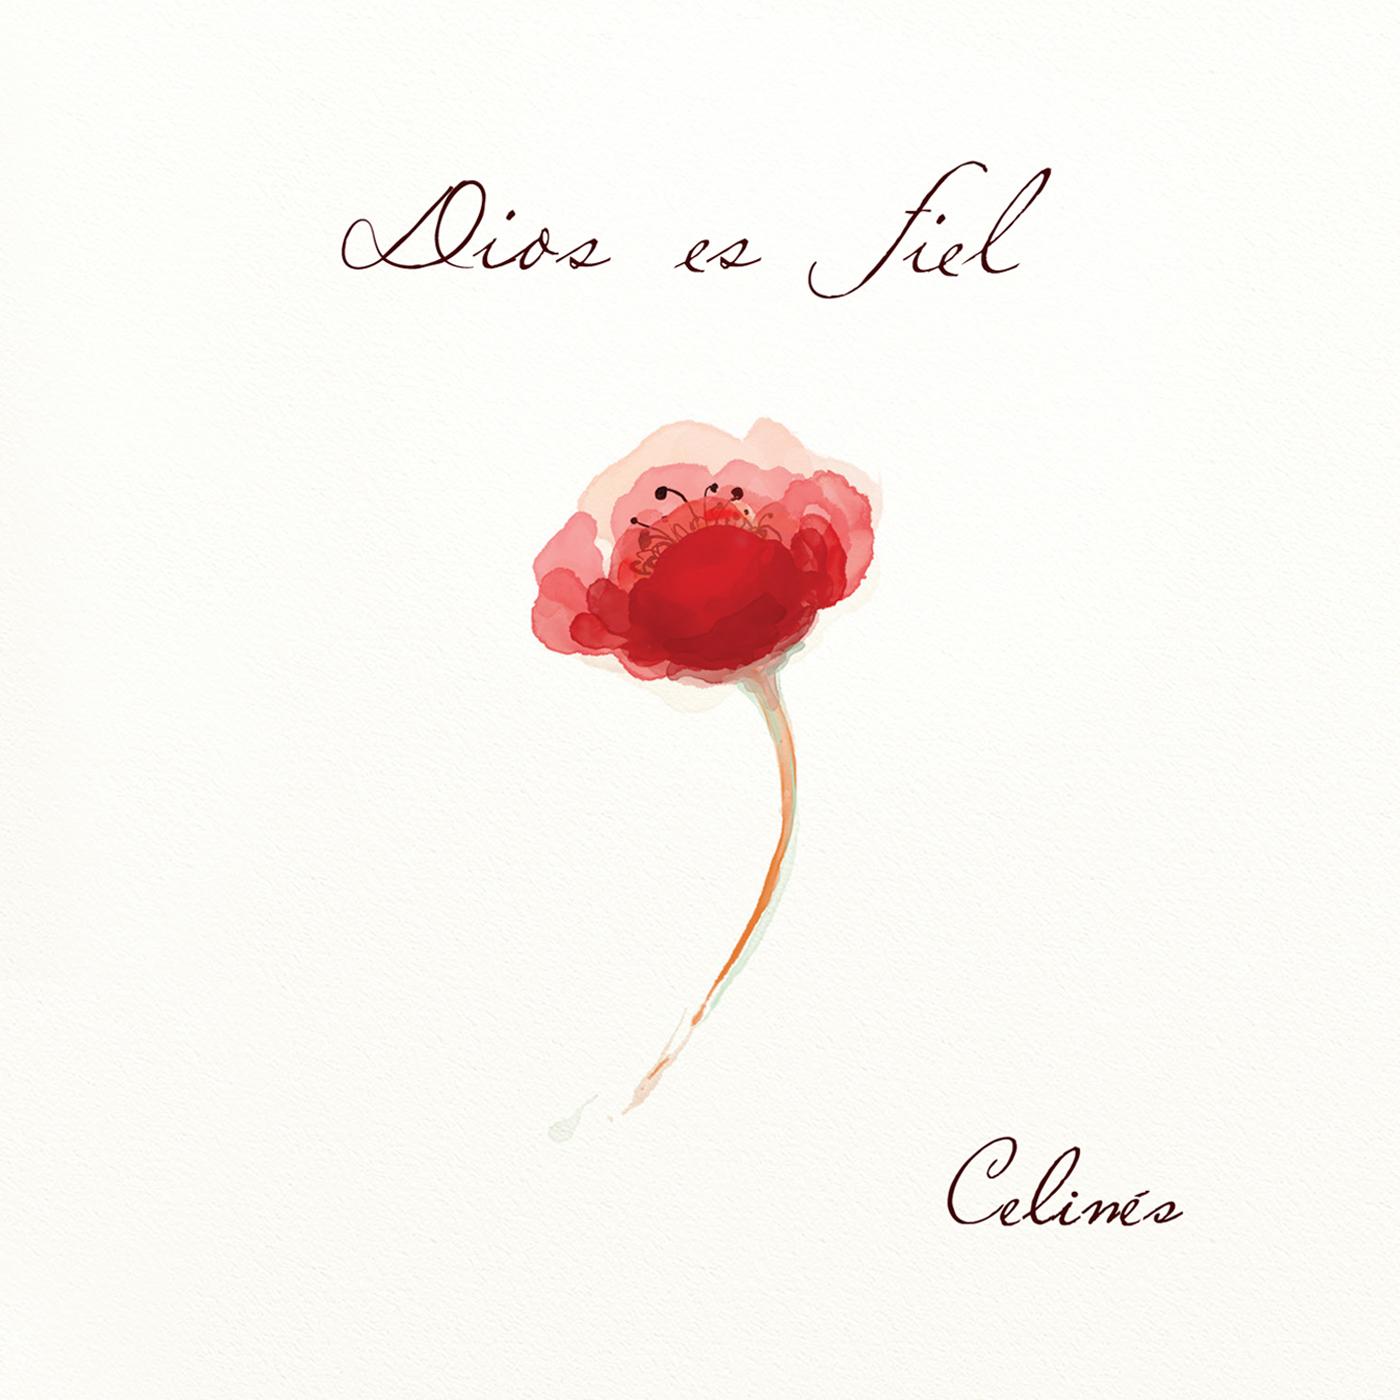 cecilia : cover album Celines Diaz